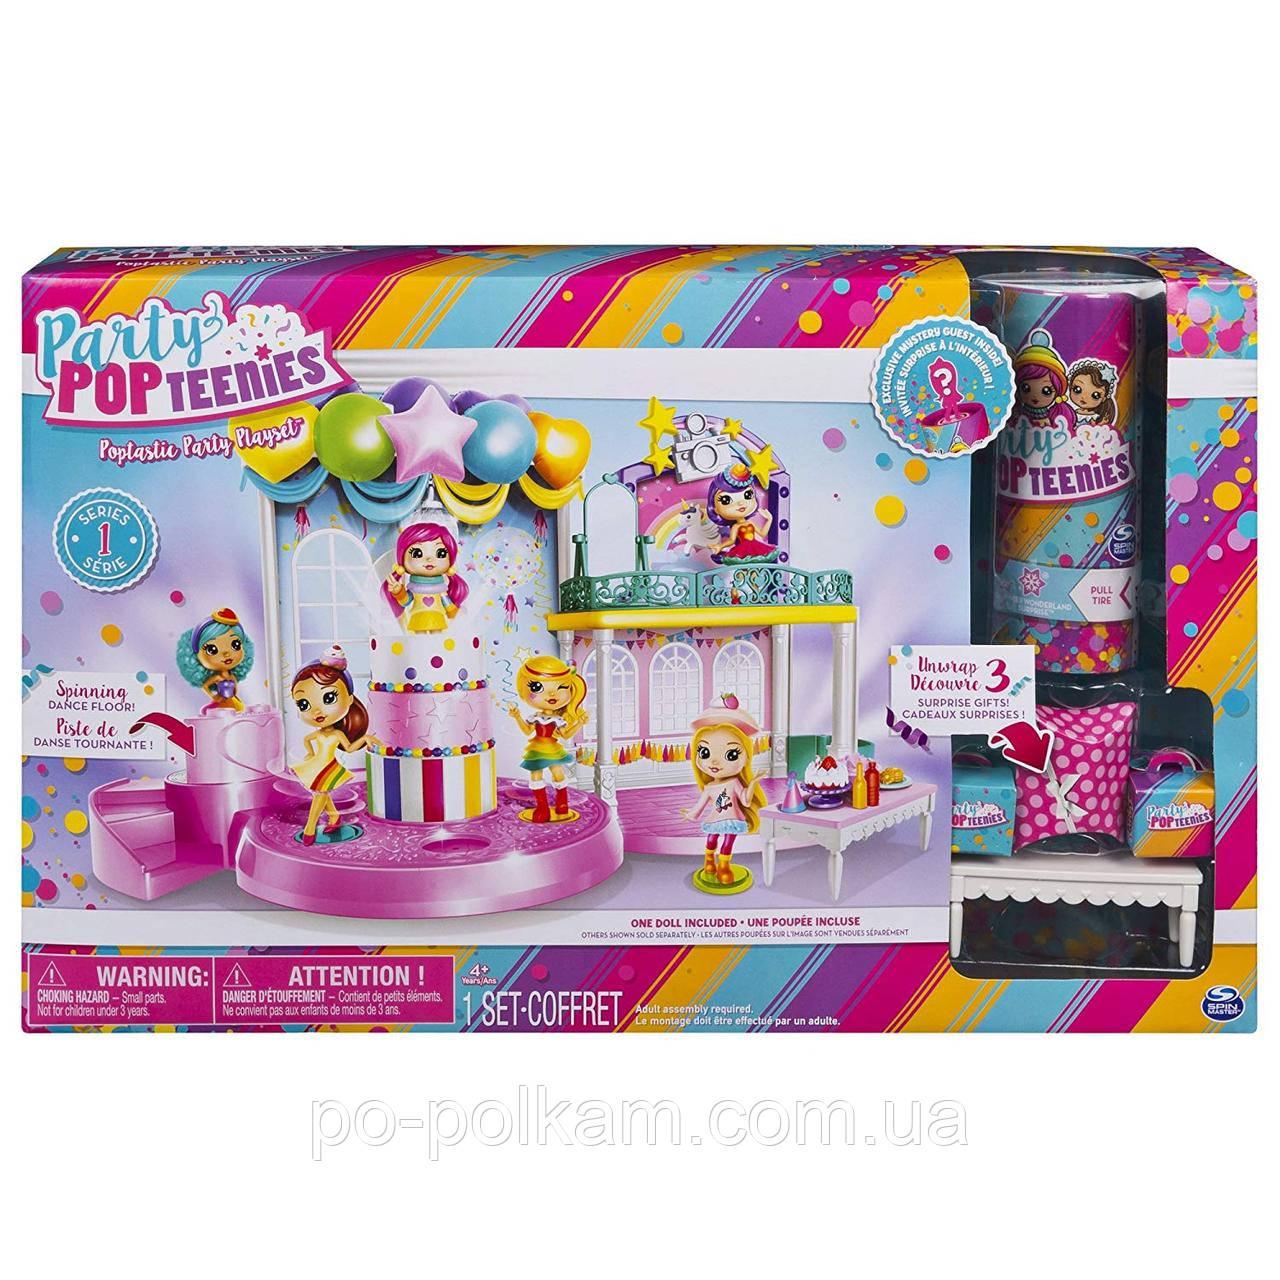 Игровой набор « Фантастическая вечеринка»Party Popteenies - Poptastic Party Playset, фото 1